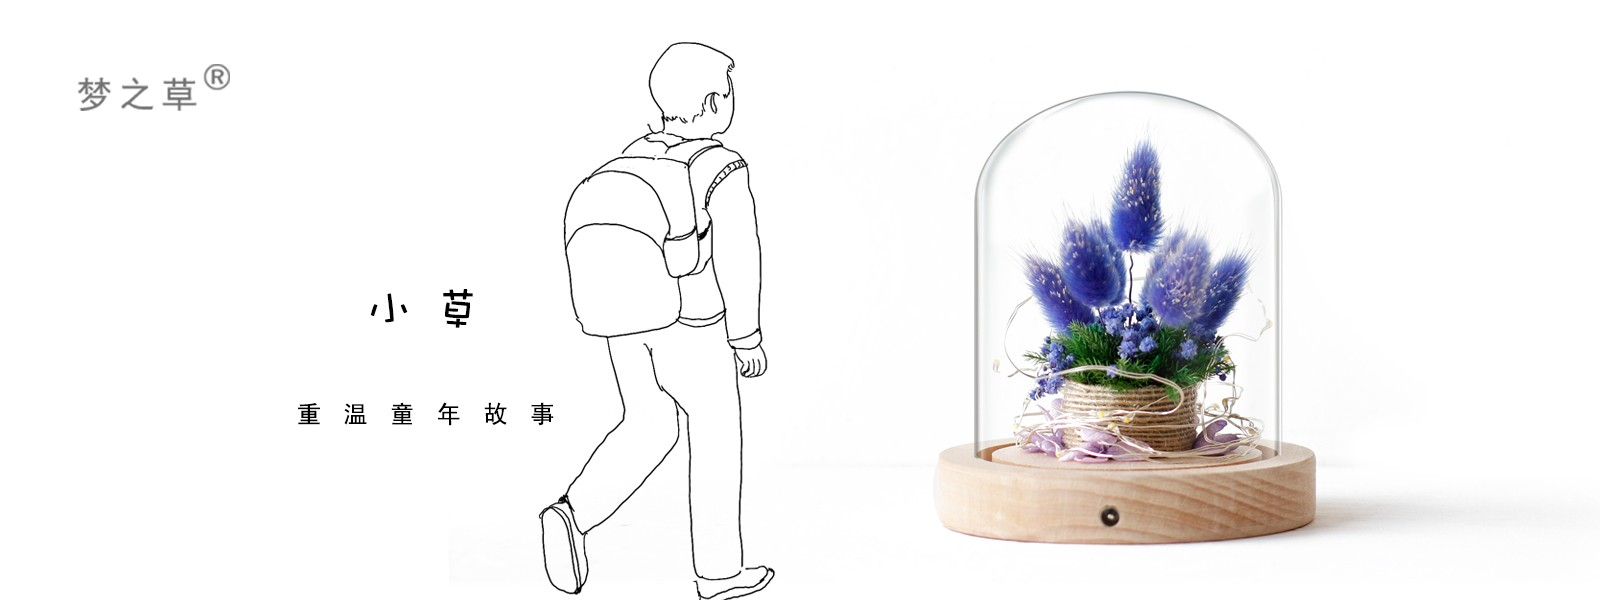 小草-重温童年故事